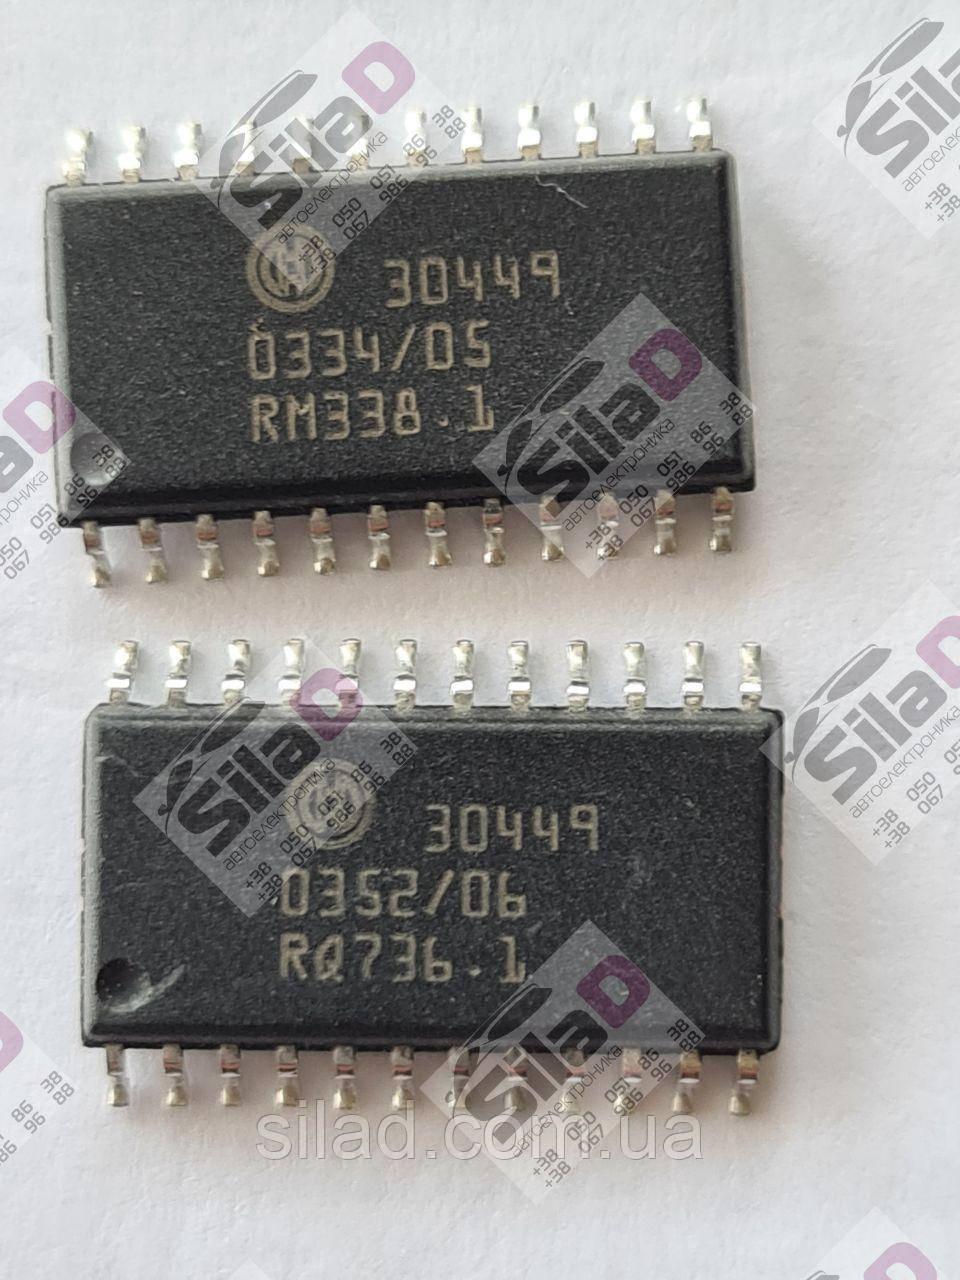 Микросхема Bosch 30449 корпус SOP-24